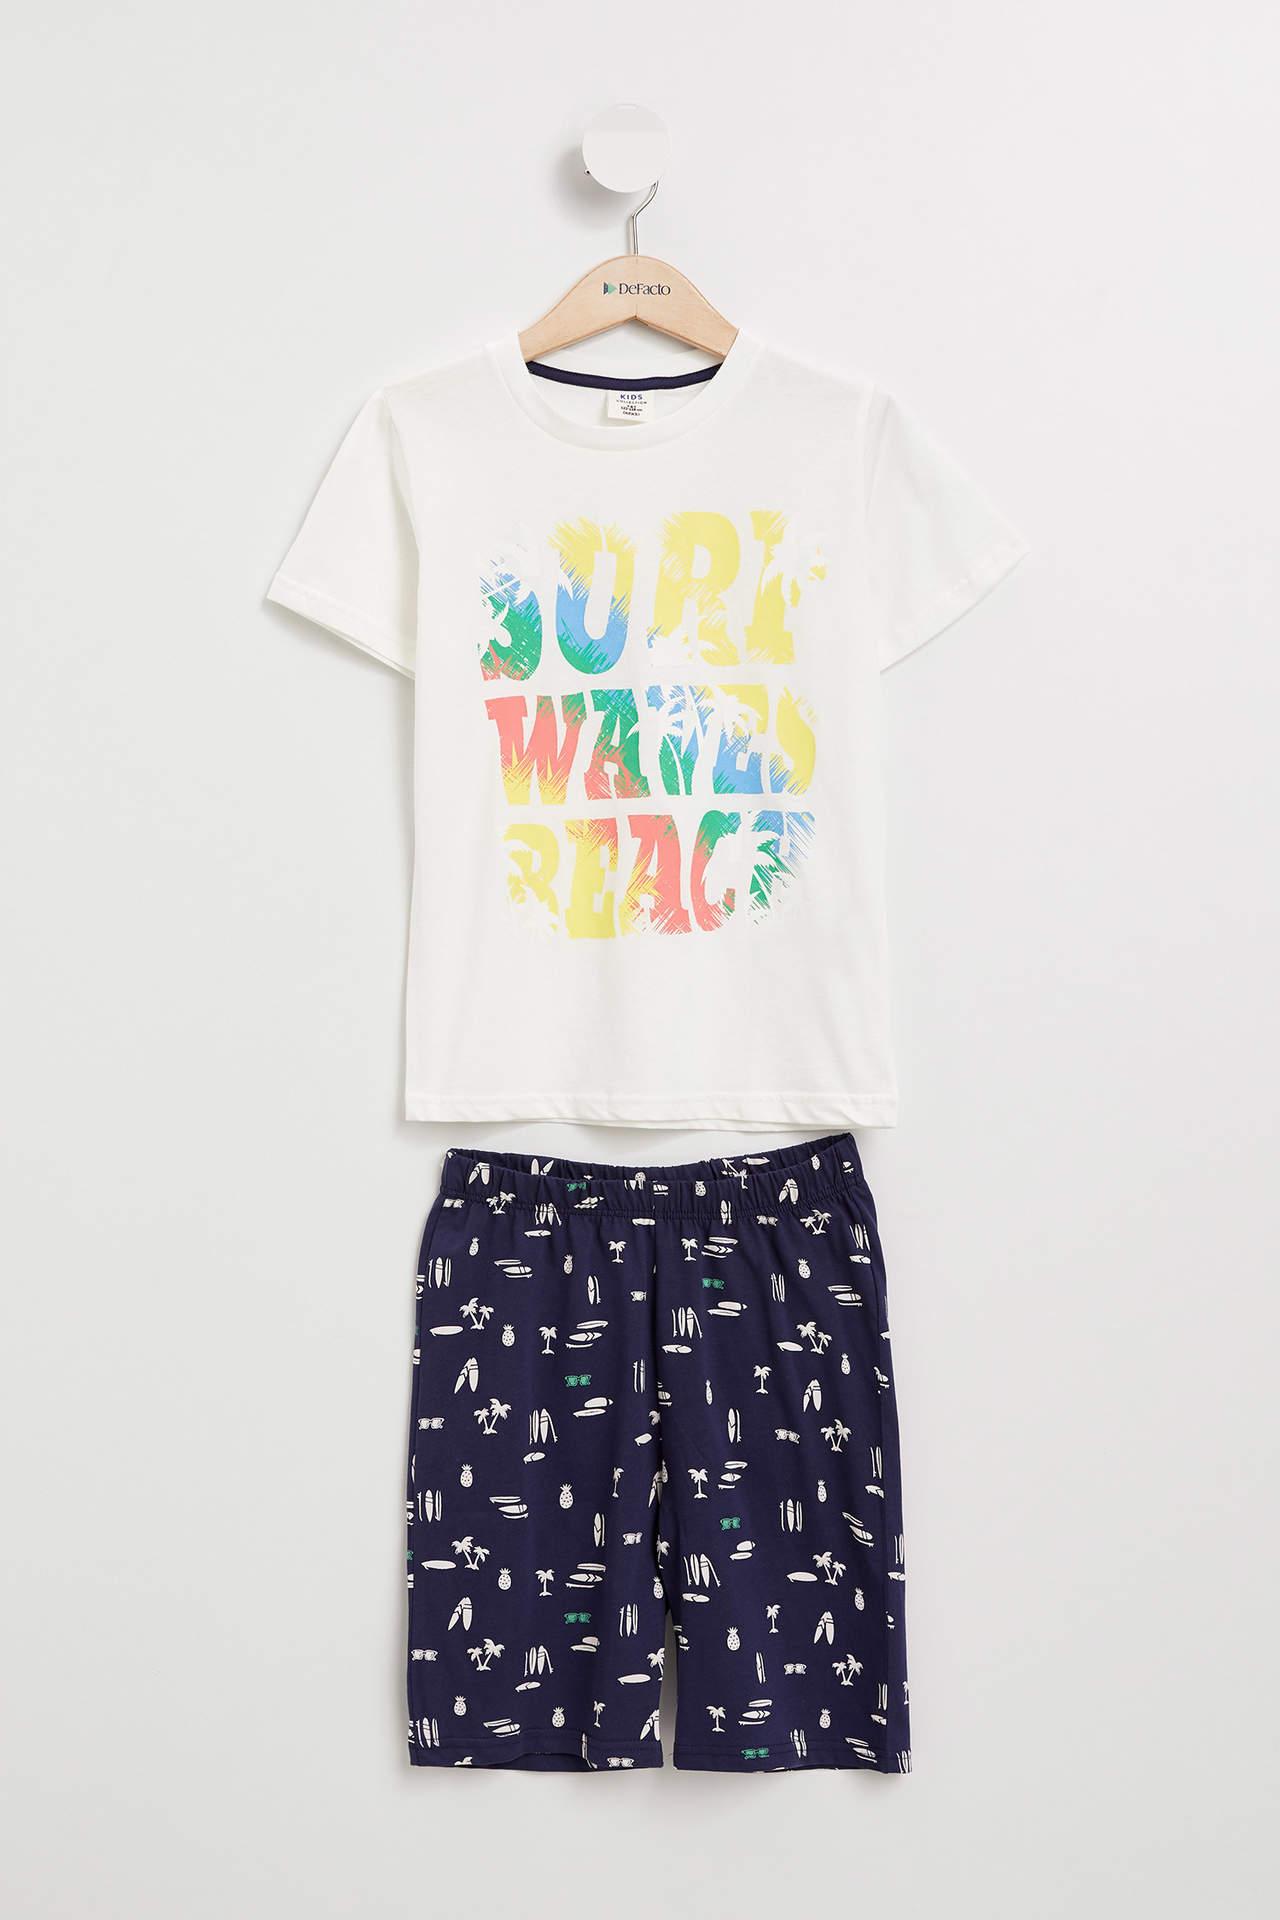 DeFacto Erkek Çocuk Pijama Takımı Beyaz male